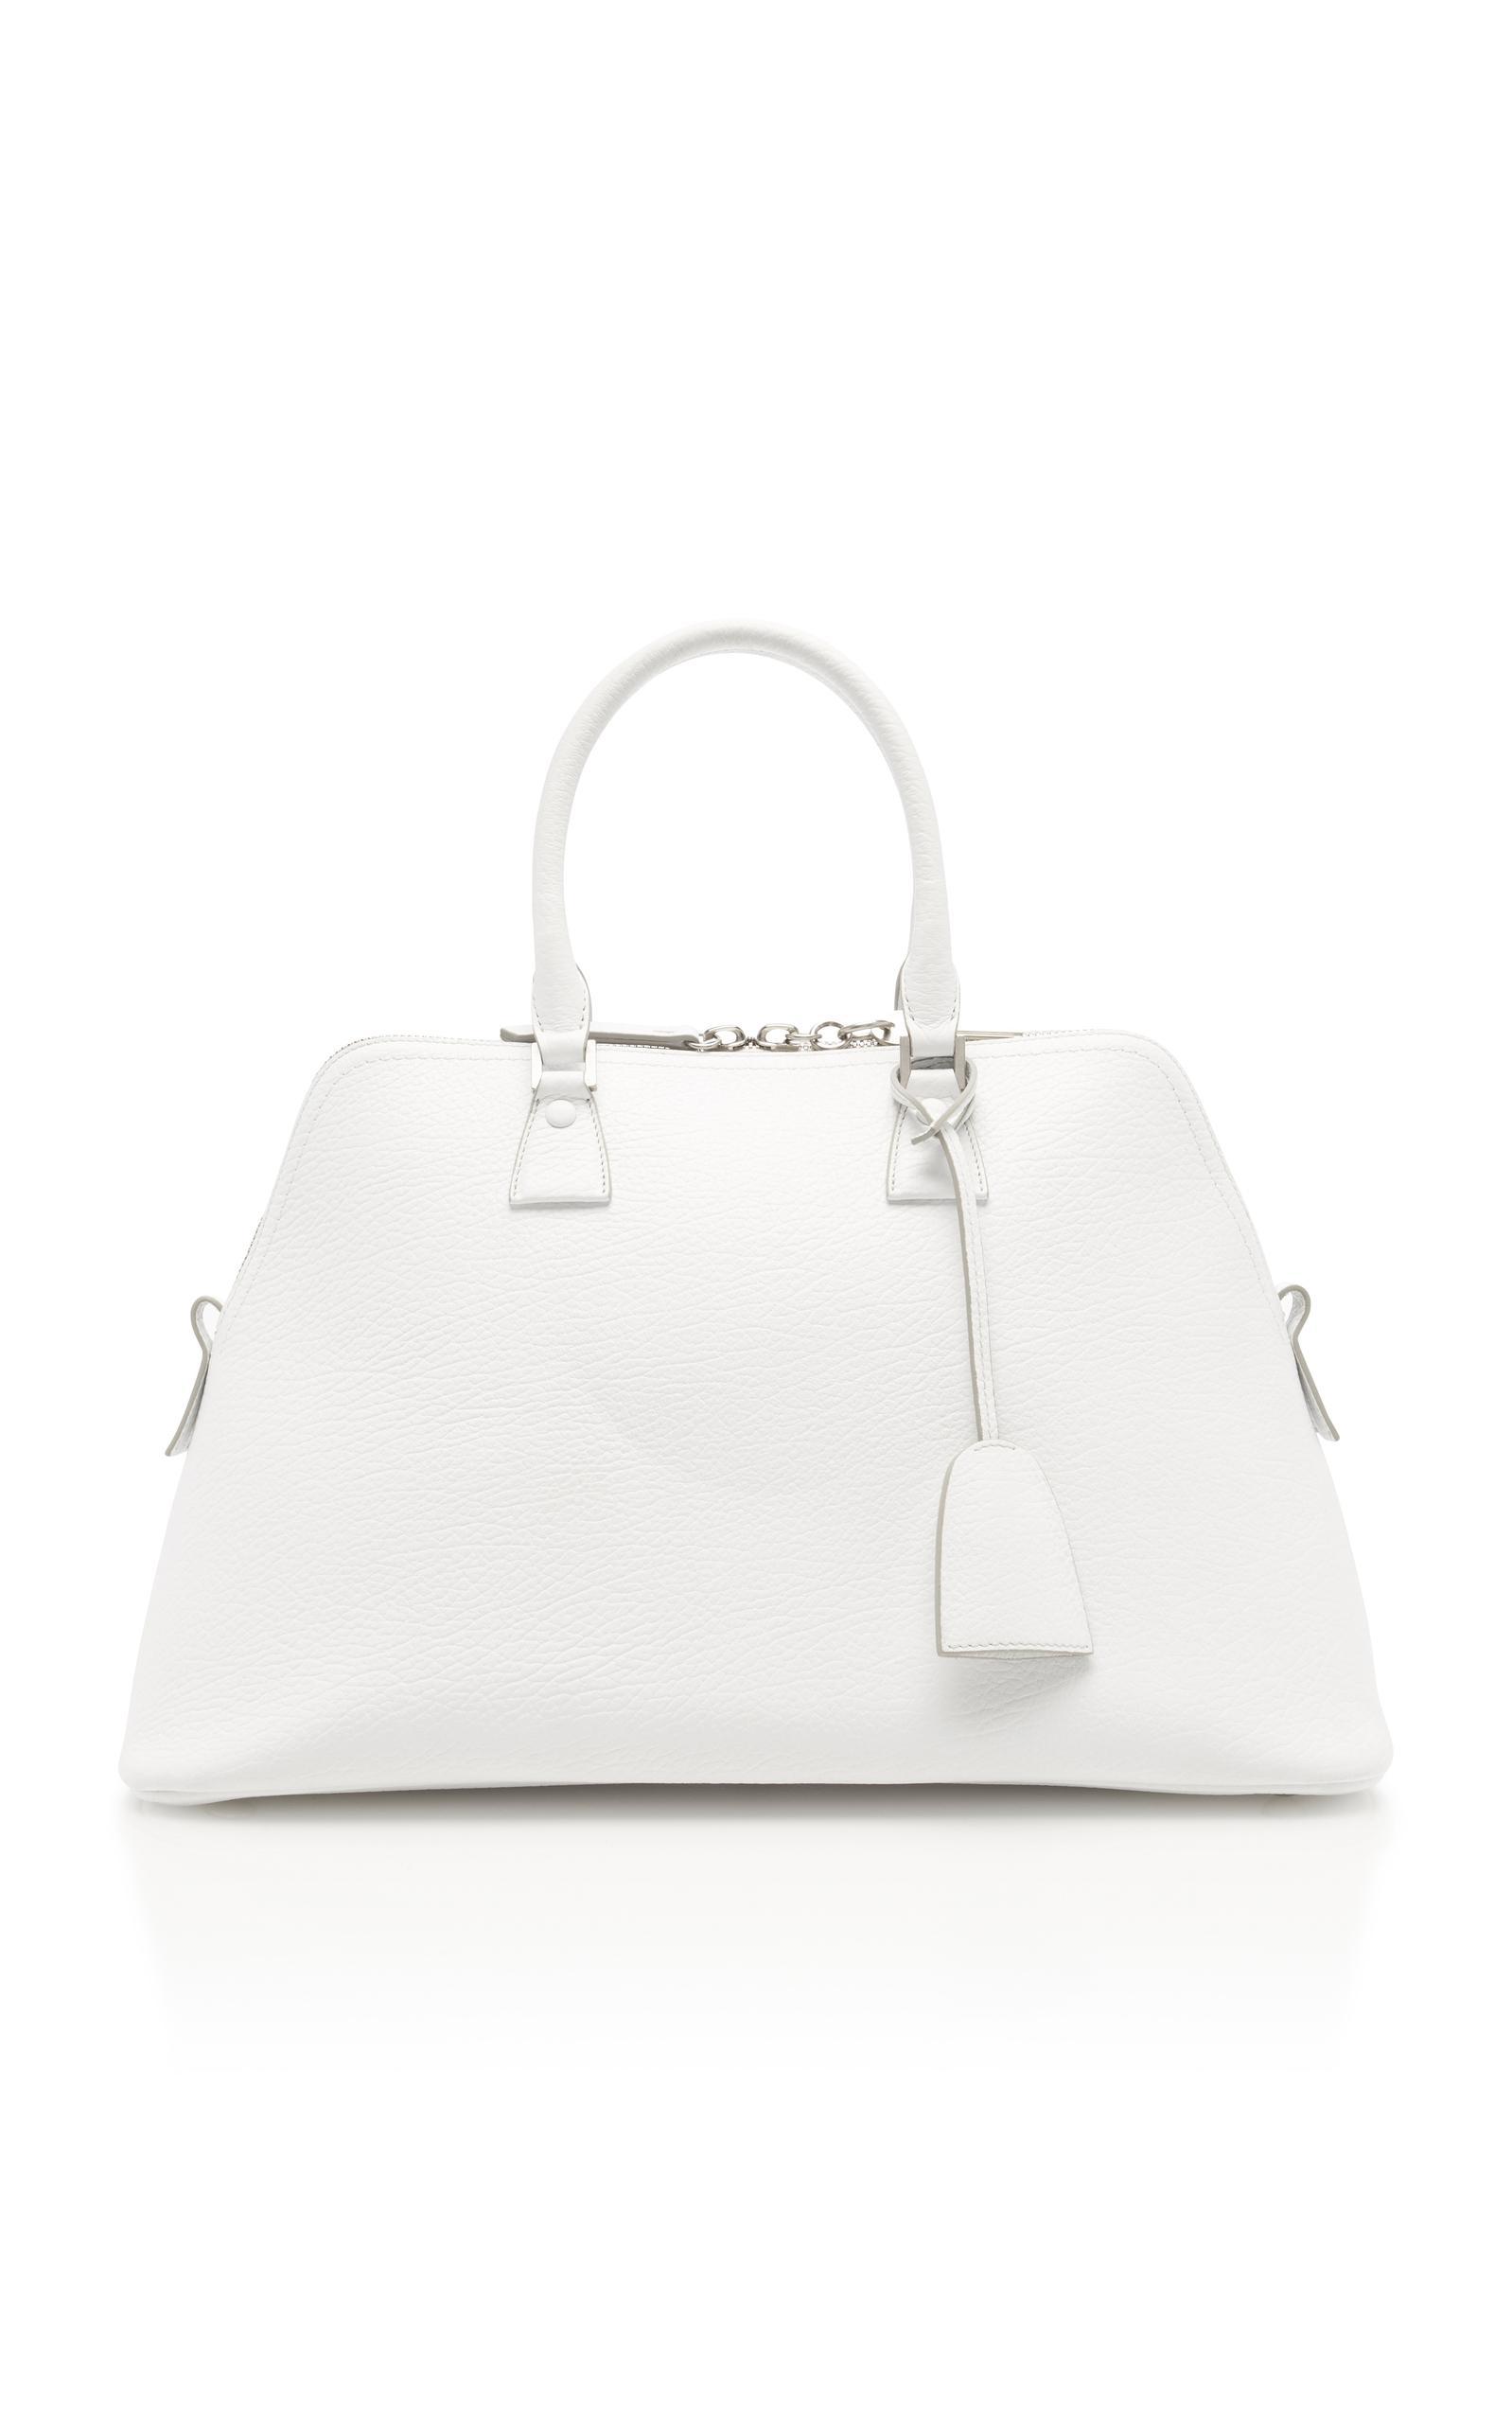 Maison Margiela Large Shoulder Bag In White